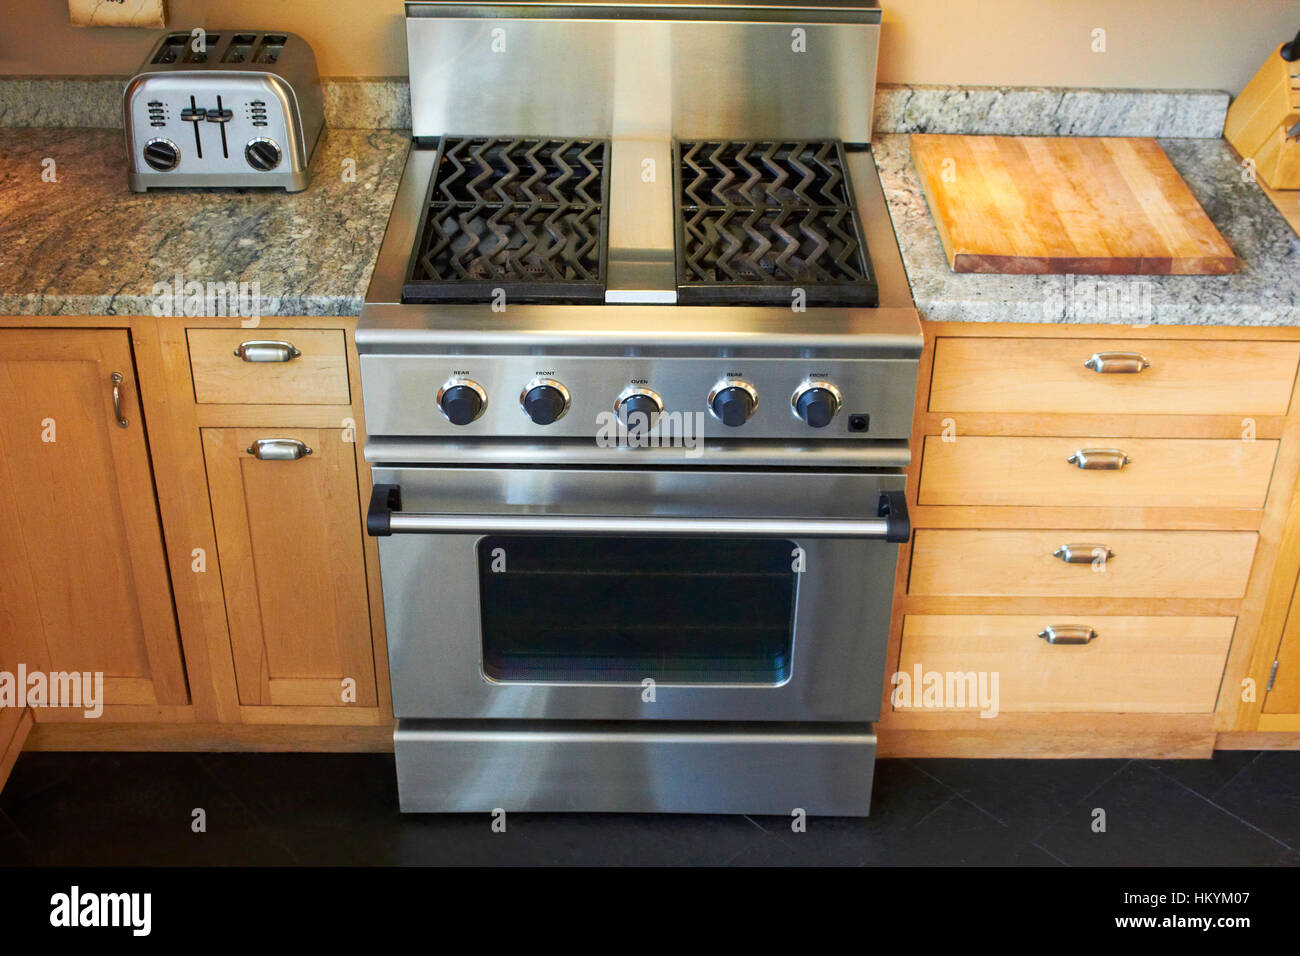 Gasherd und Backofen in der Küche Stockfoto, Bild: 132759431 - Alamy